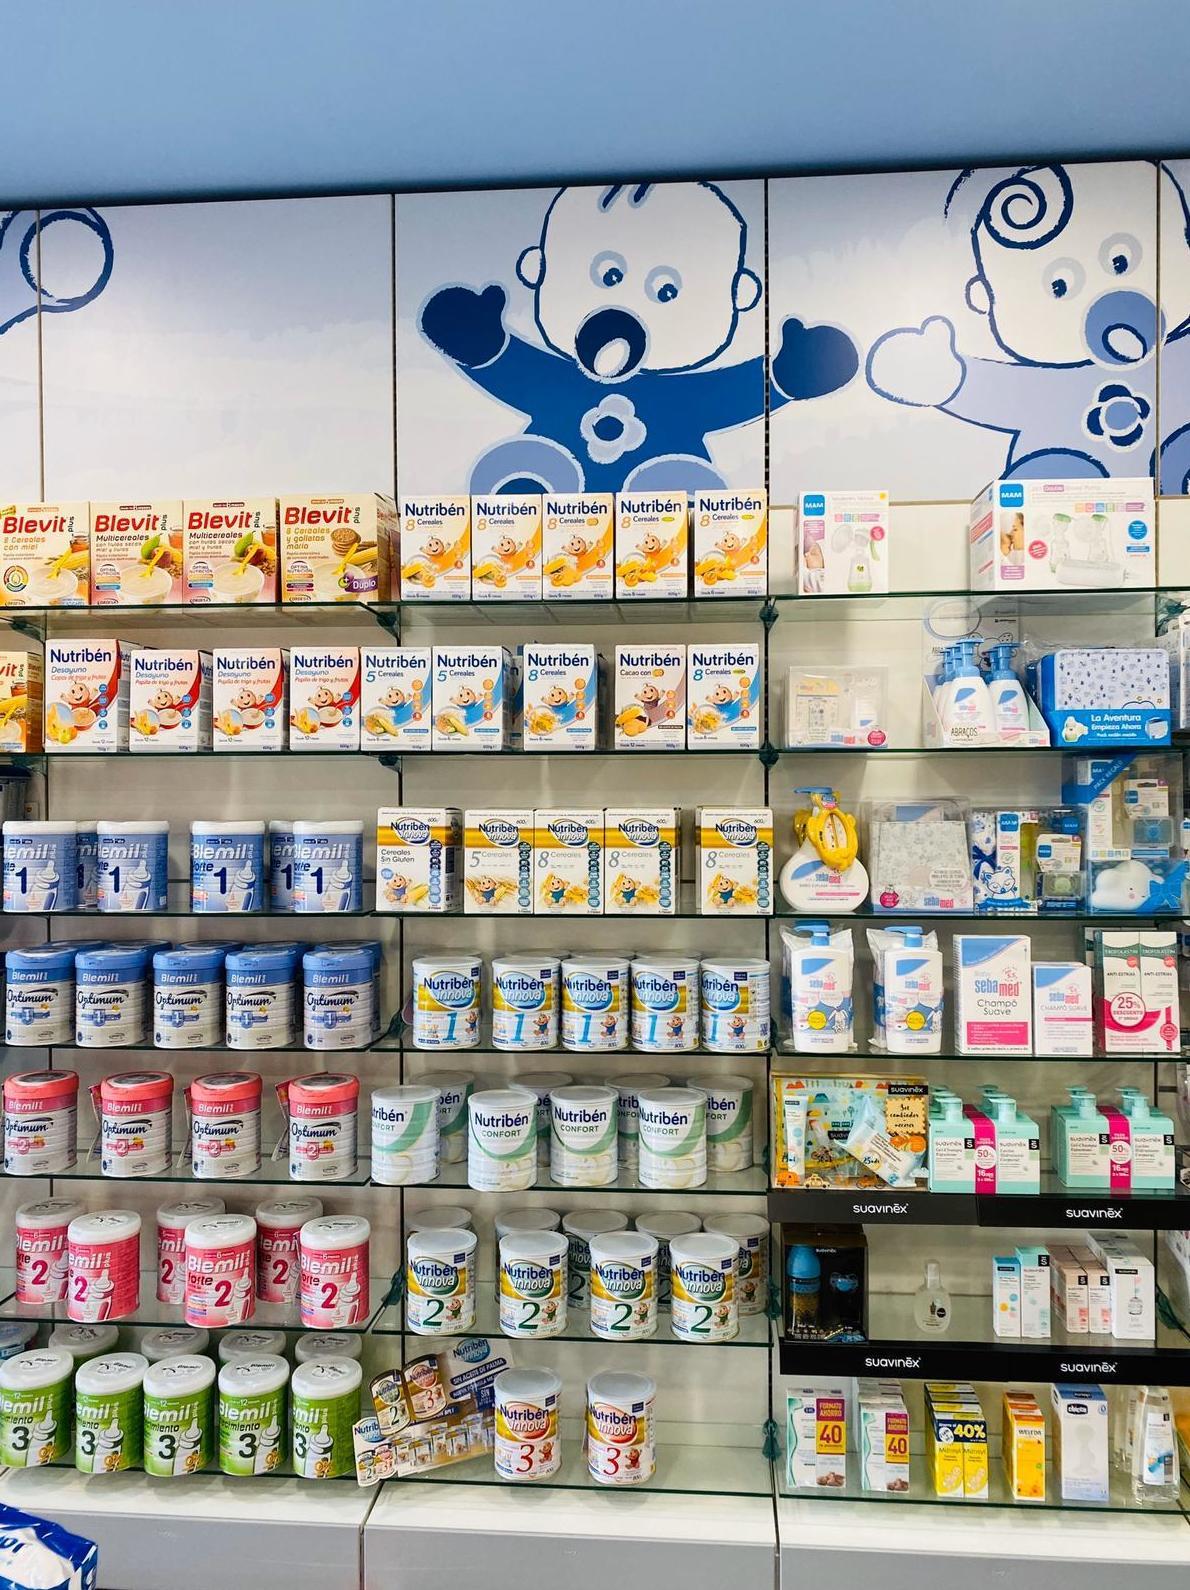 Dietètica infantil: PRODUCTES EN ESTOC  de Farmacia Rosa Cinca   Guissona   365   8.30-21